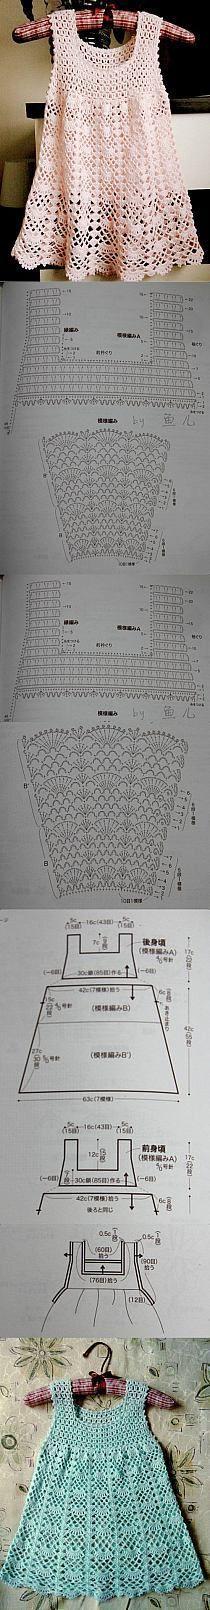 OFICINA DO BARRADO: Croche - Barrados finalizados com f…